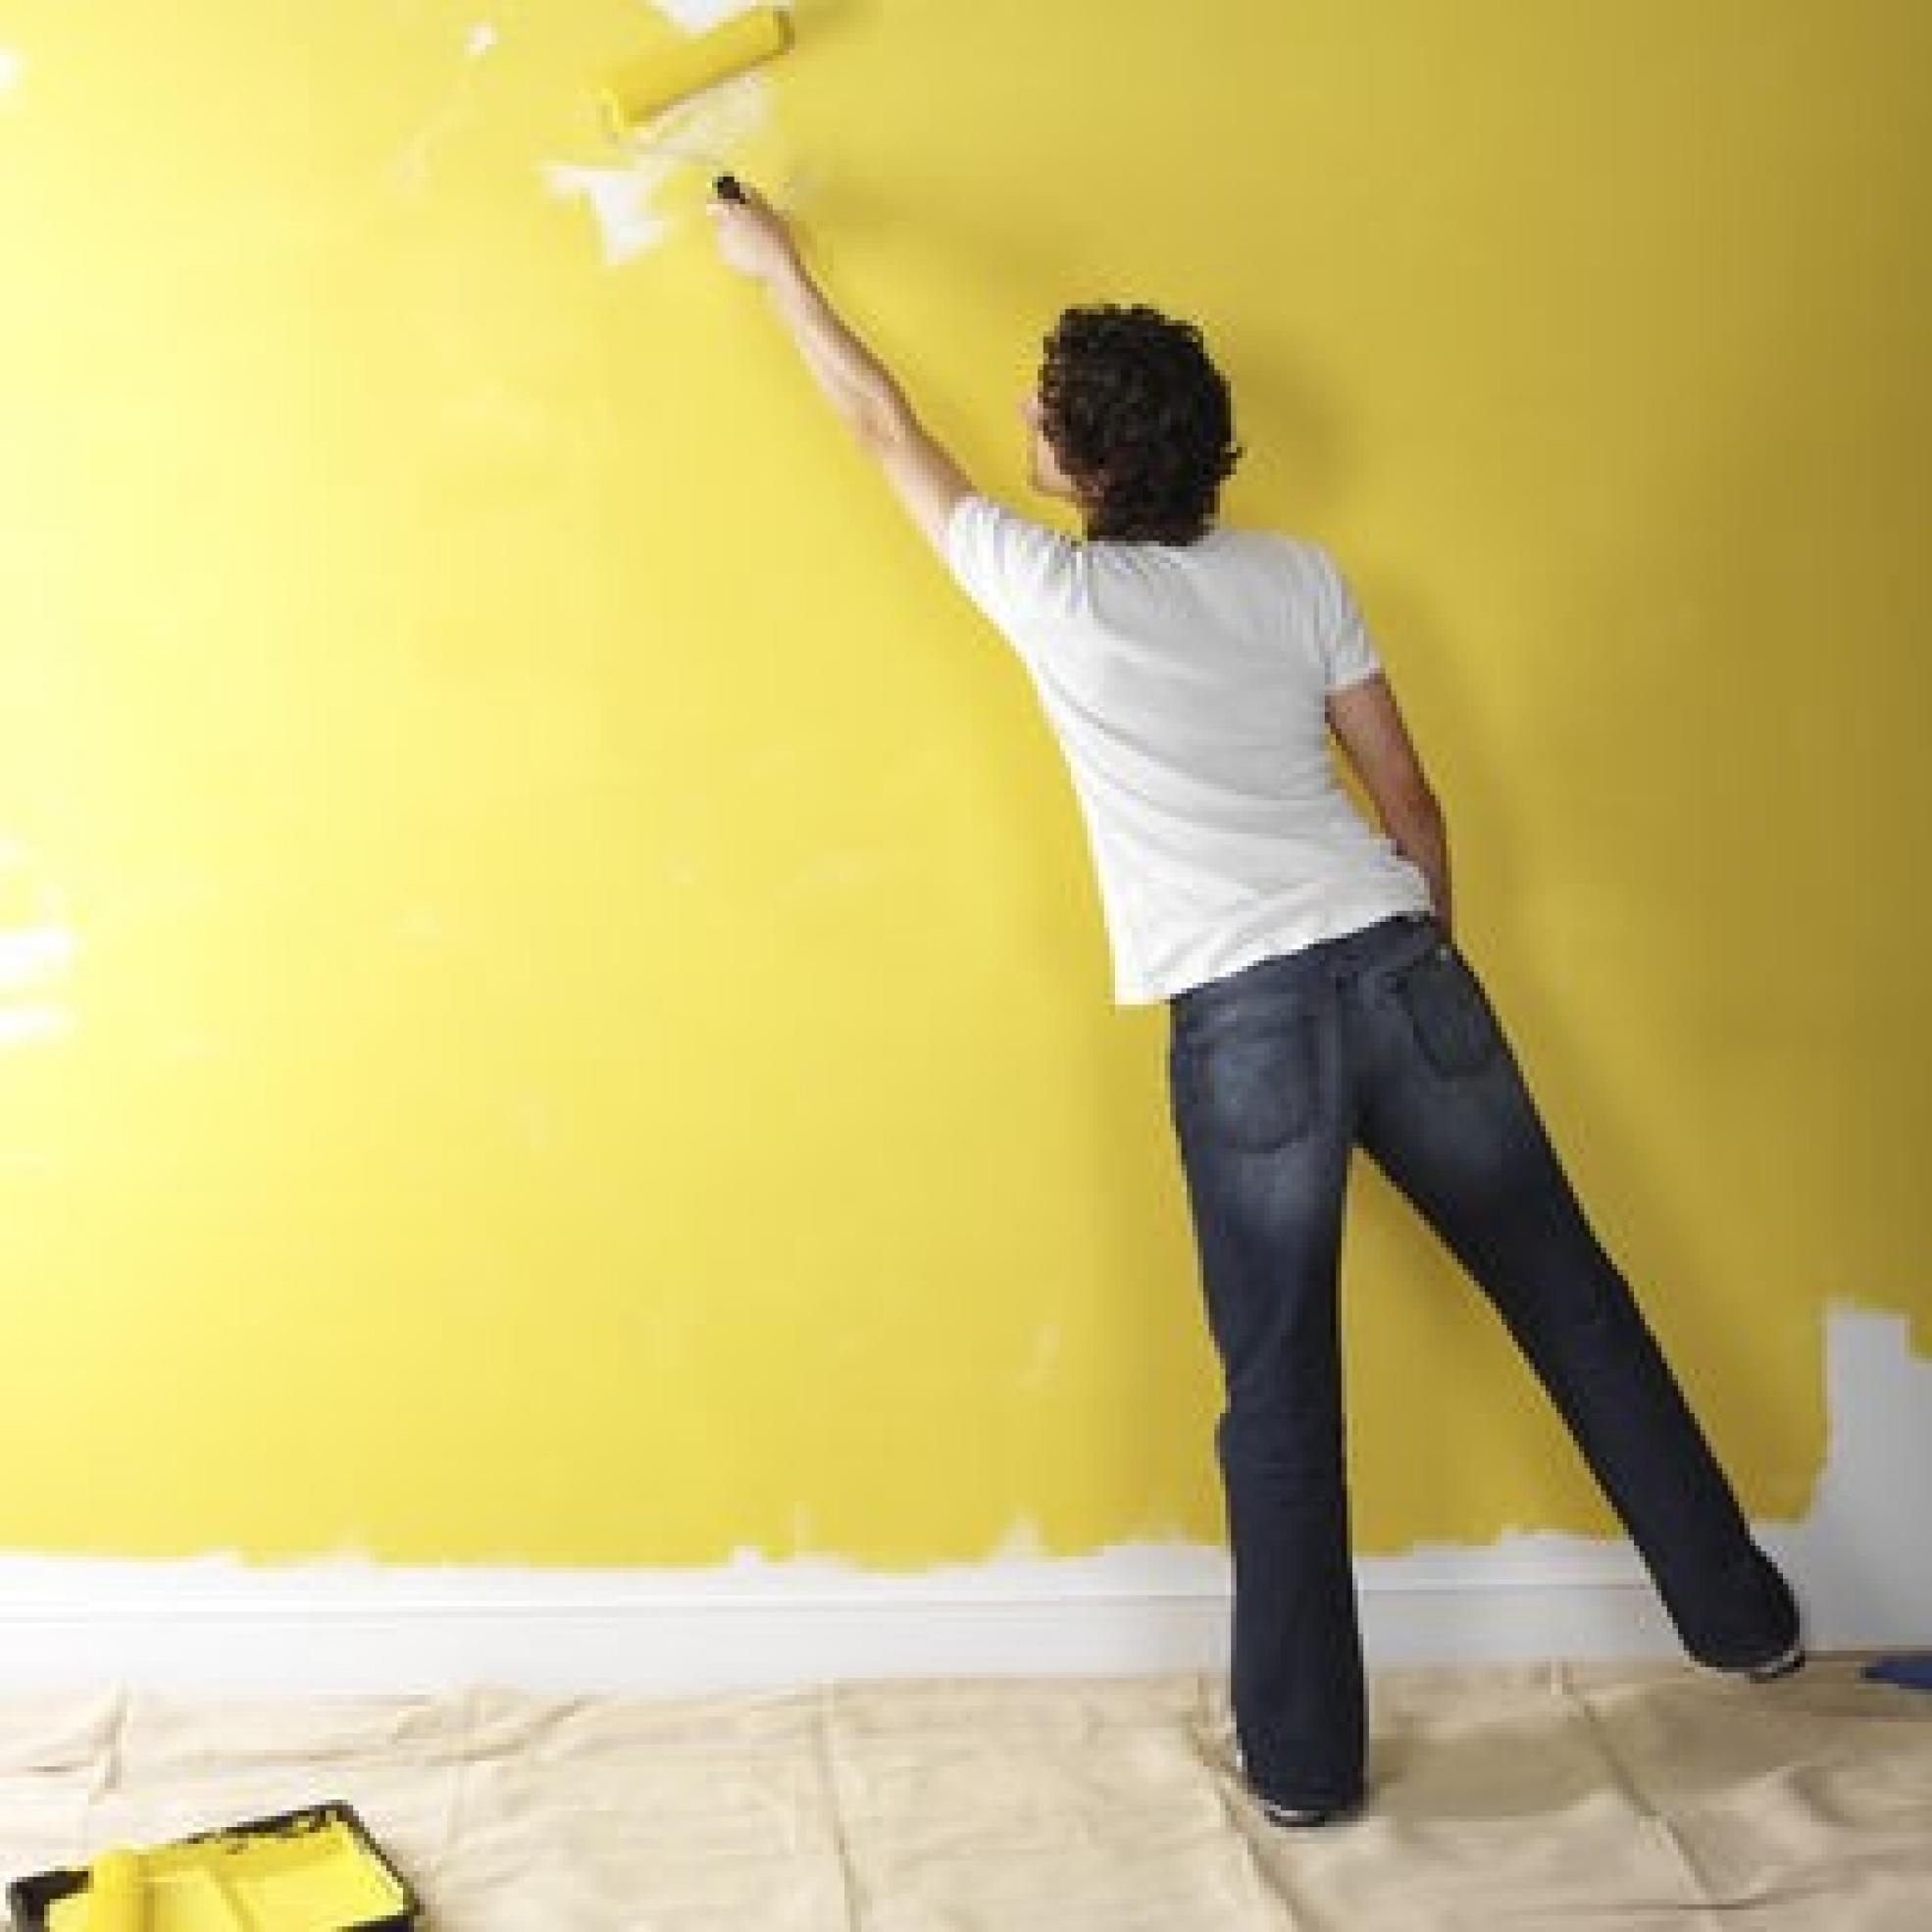 Сколько надо краски для покраски стен аква шпатлевки